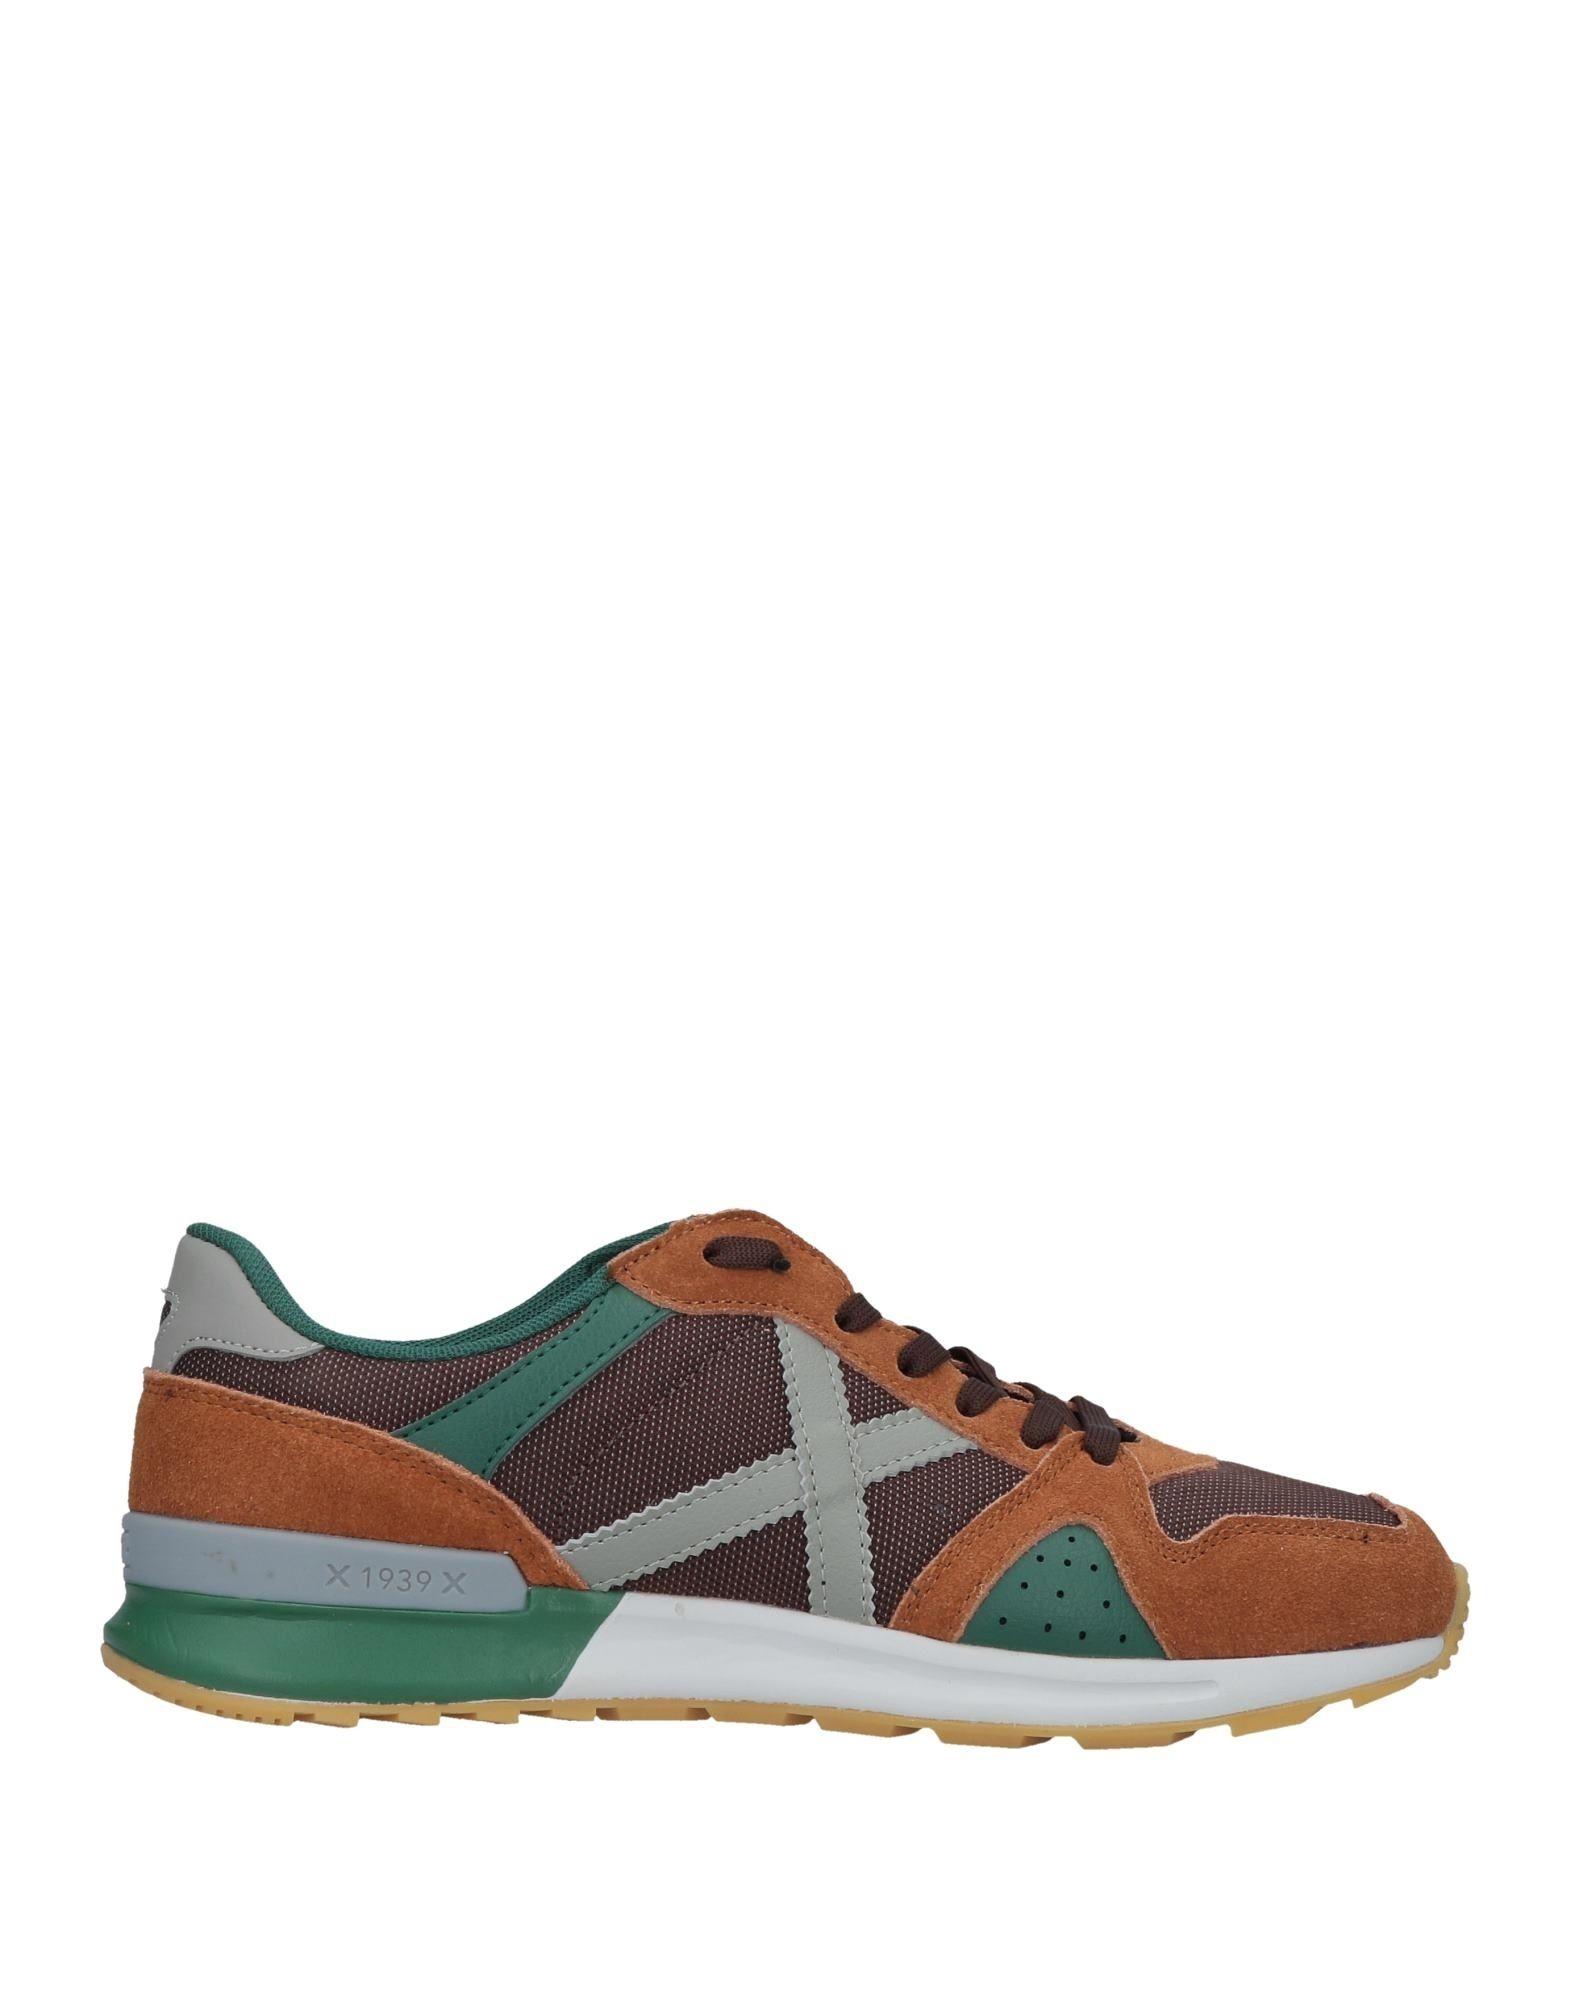 Moda Uomo Sneakers Munich Uomo Moda - 11506963TE 0e1ce8